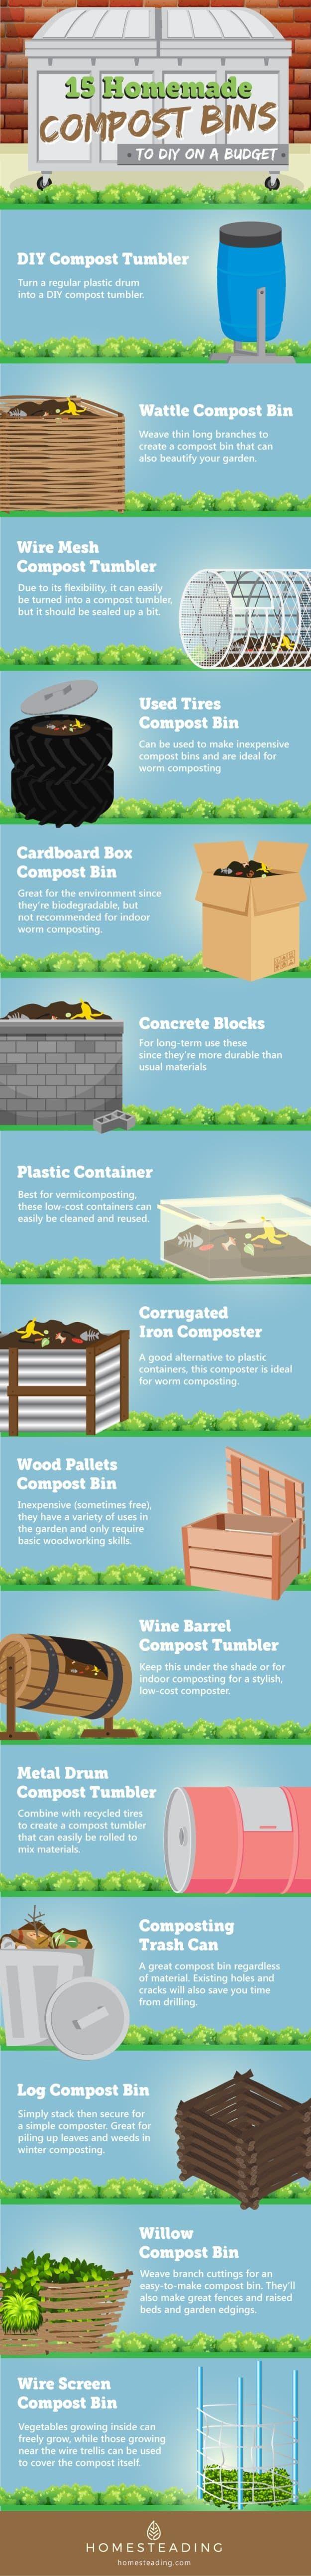 best 25 homemade compost bin ideas on pinterest diy compost bin